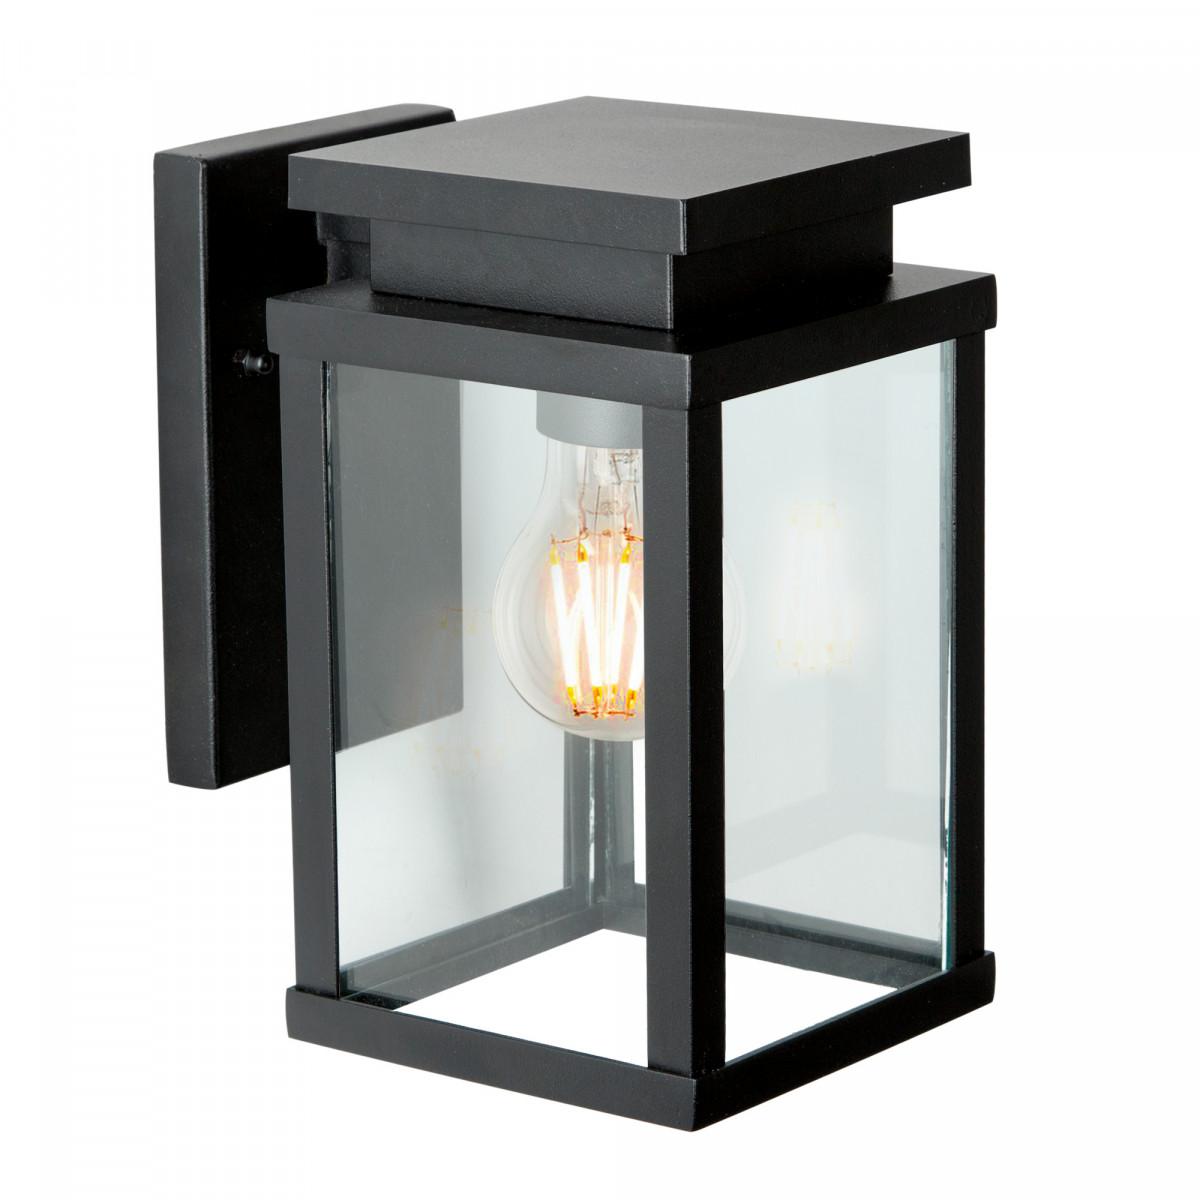 wandlamp jersey M, buitenverlichting, gevelverlichting van KS Verlichting, een strak klassiek zwarte buitenlamp van top kwaliteit, merk KS Verlichting